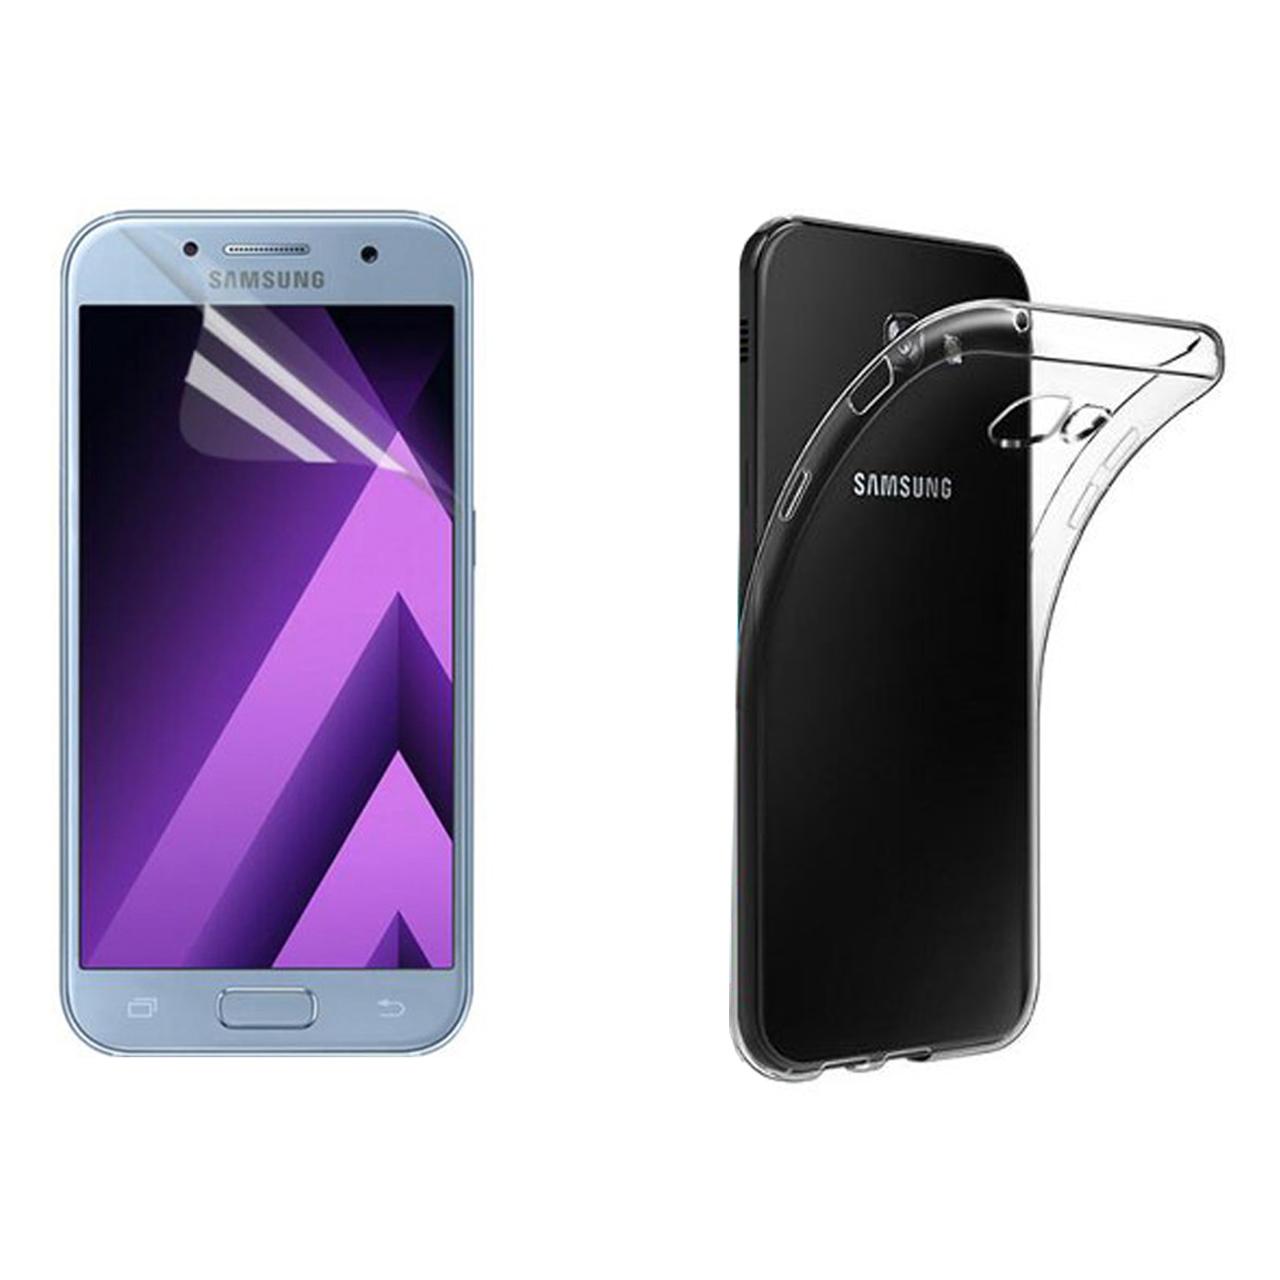 کاور مدل Cl-004 مناسب برای گوشی موبایل سامسونگ Galaxy A3 2017 به همراه محافظ صفحه نمایش hard and thick